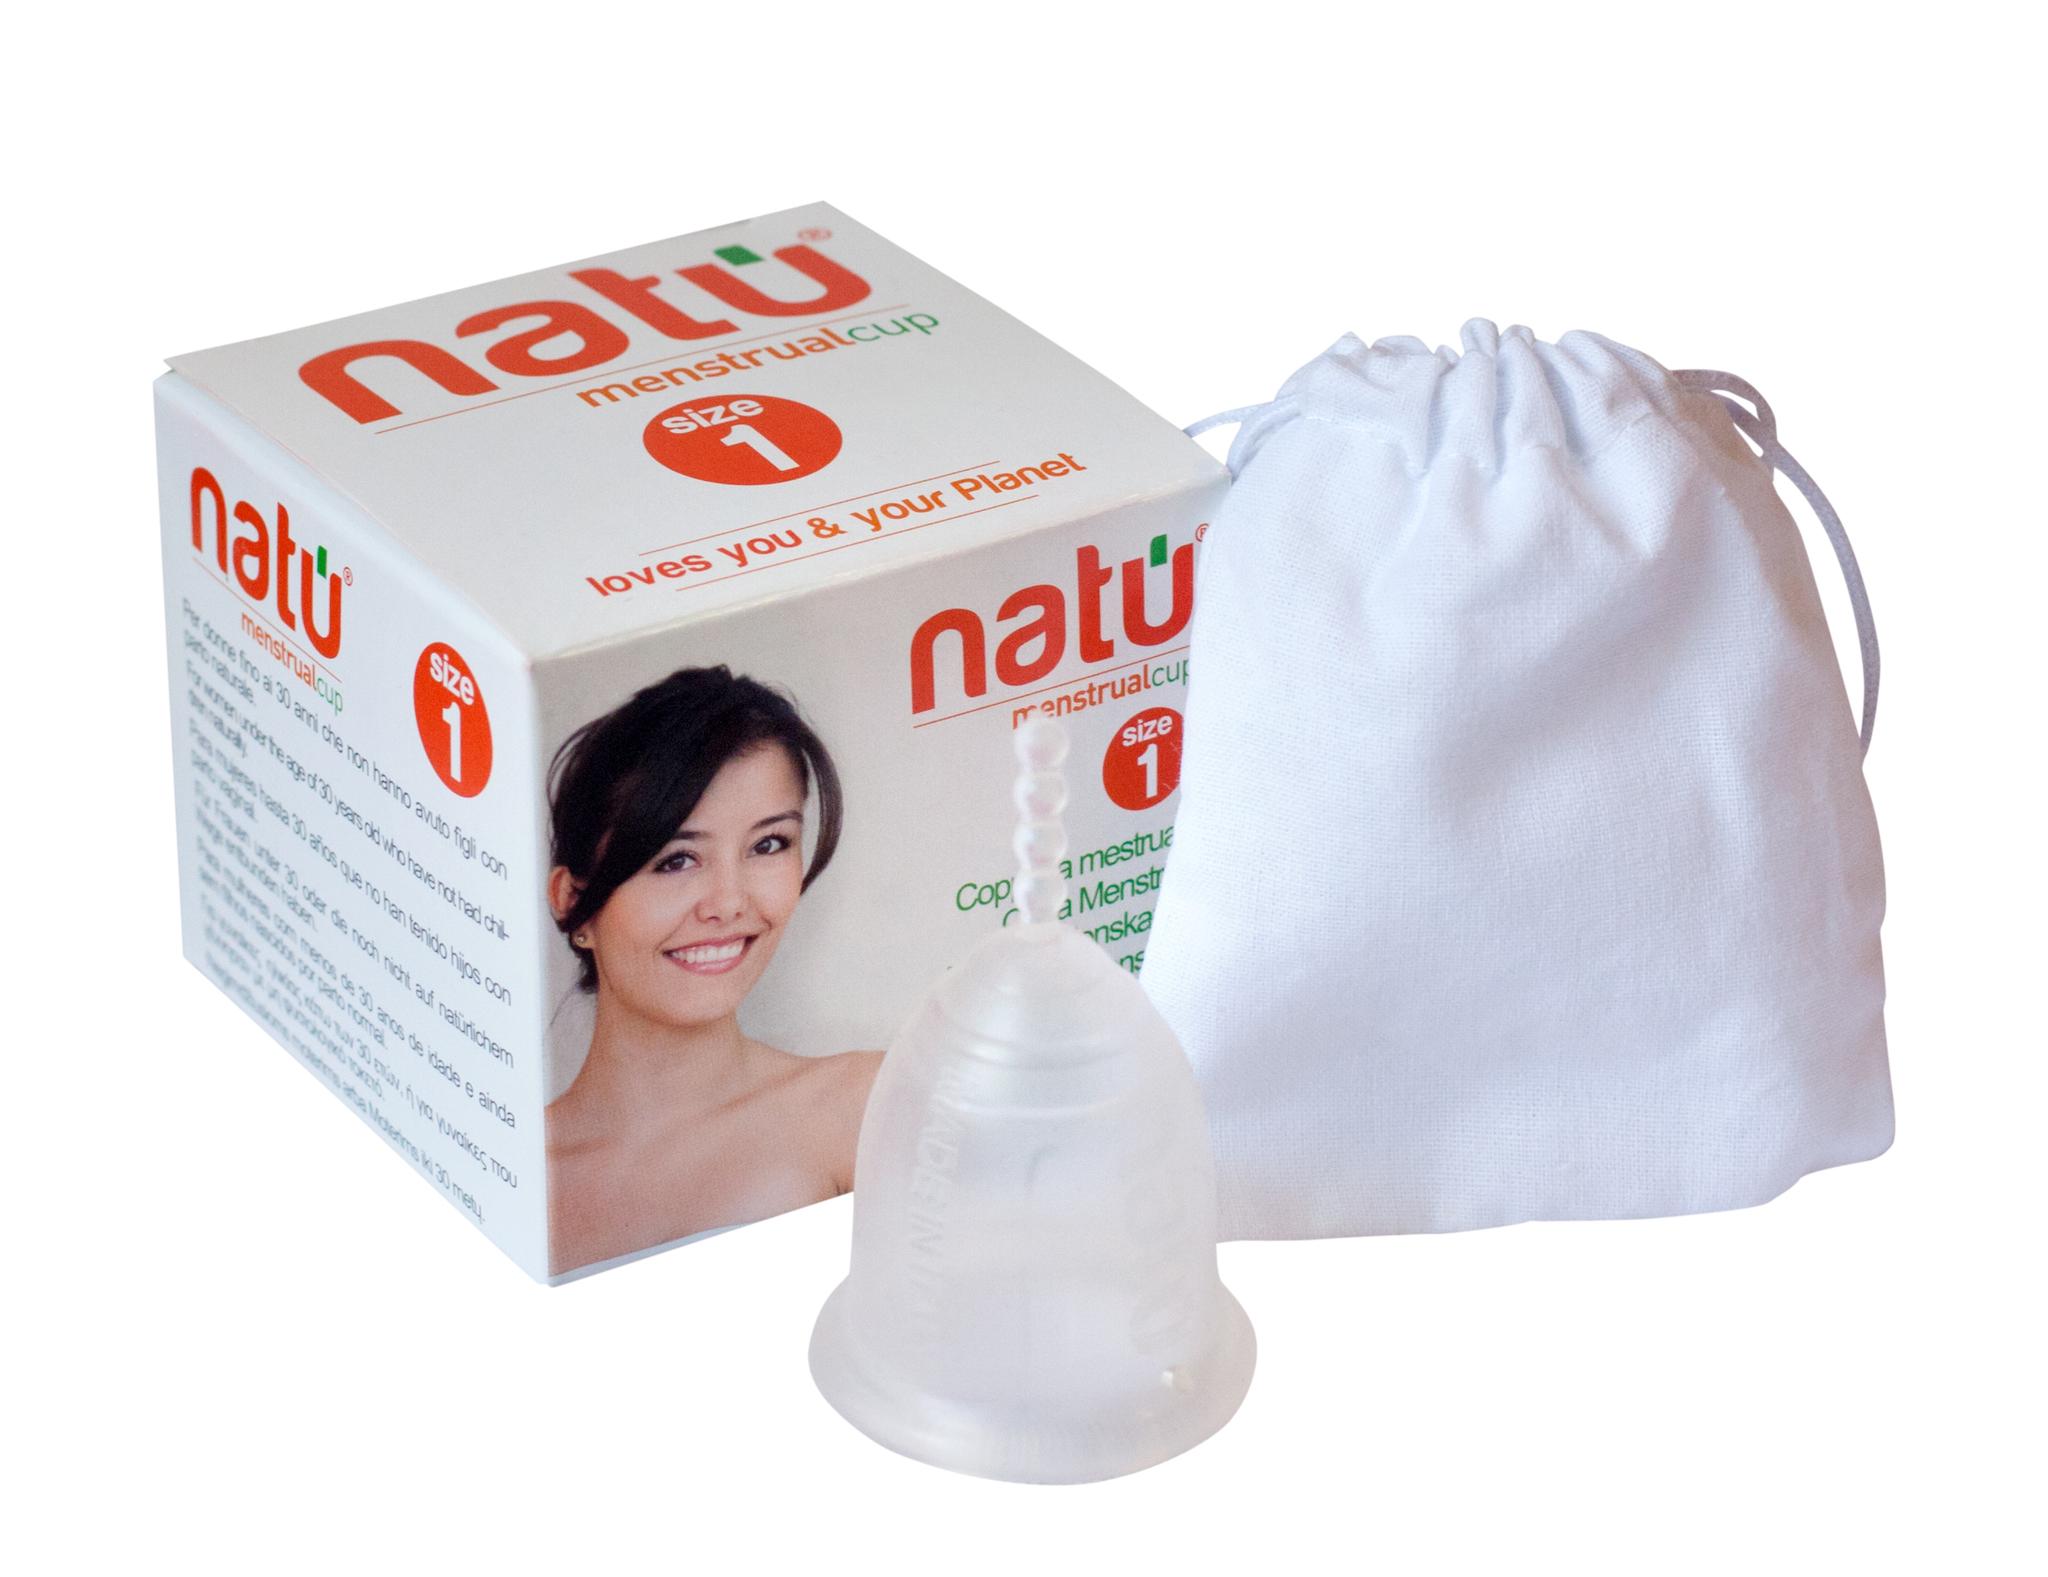 NATU 1 размер фото менструальной чаши